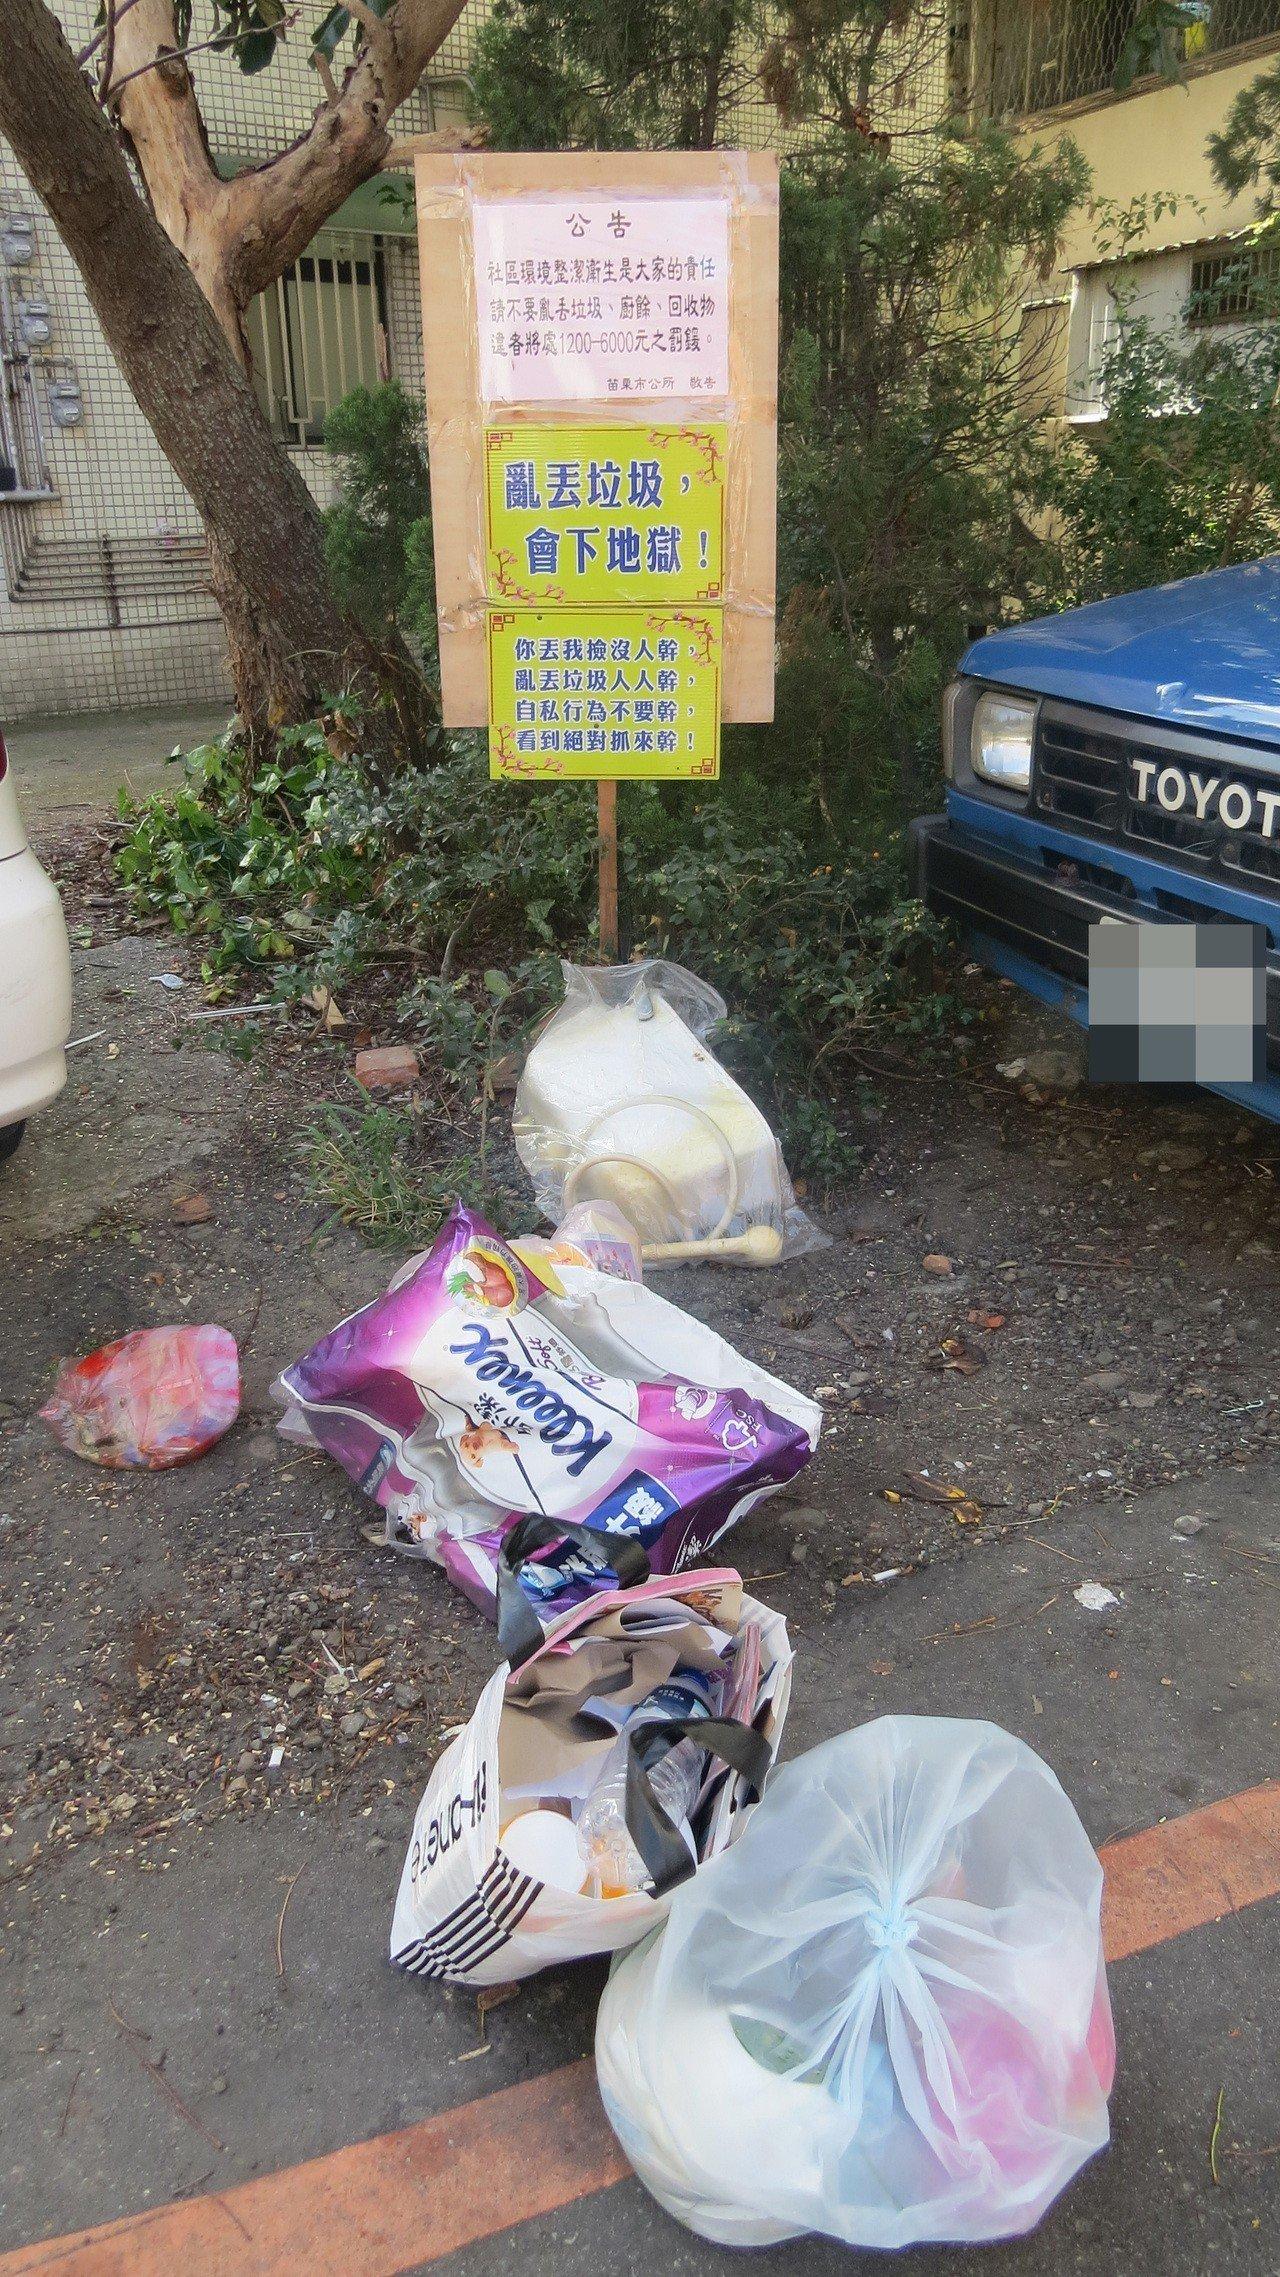 苗栗市玉清路垃圾堆頭髒亂點,市公所公告禁止,居民還加碼咀咒,難以杜絕亂丟垃圾者。...